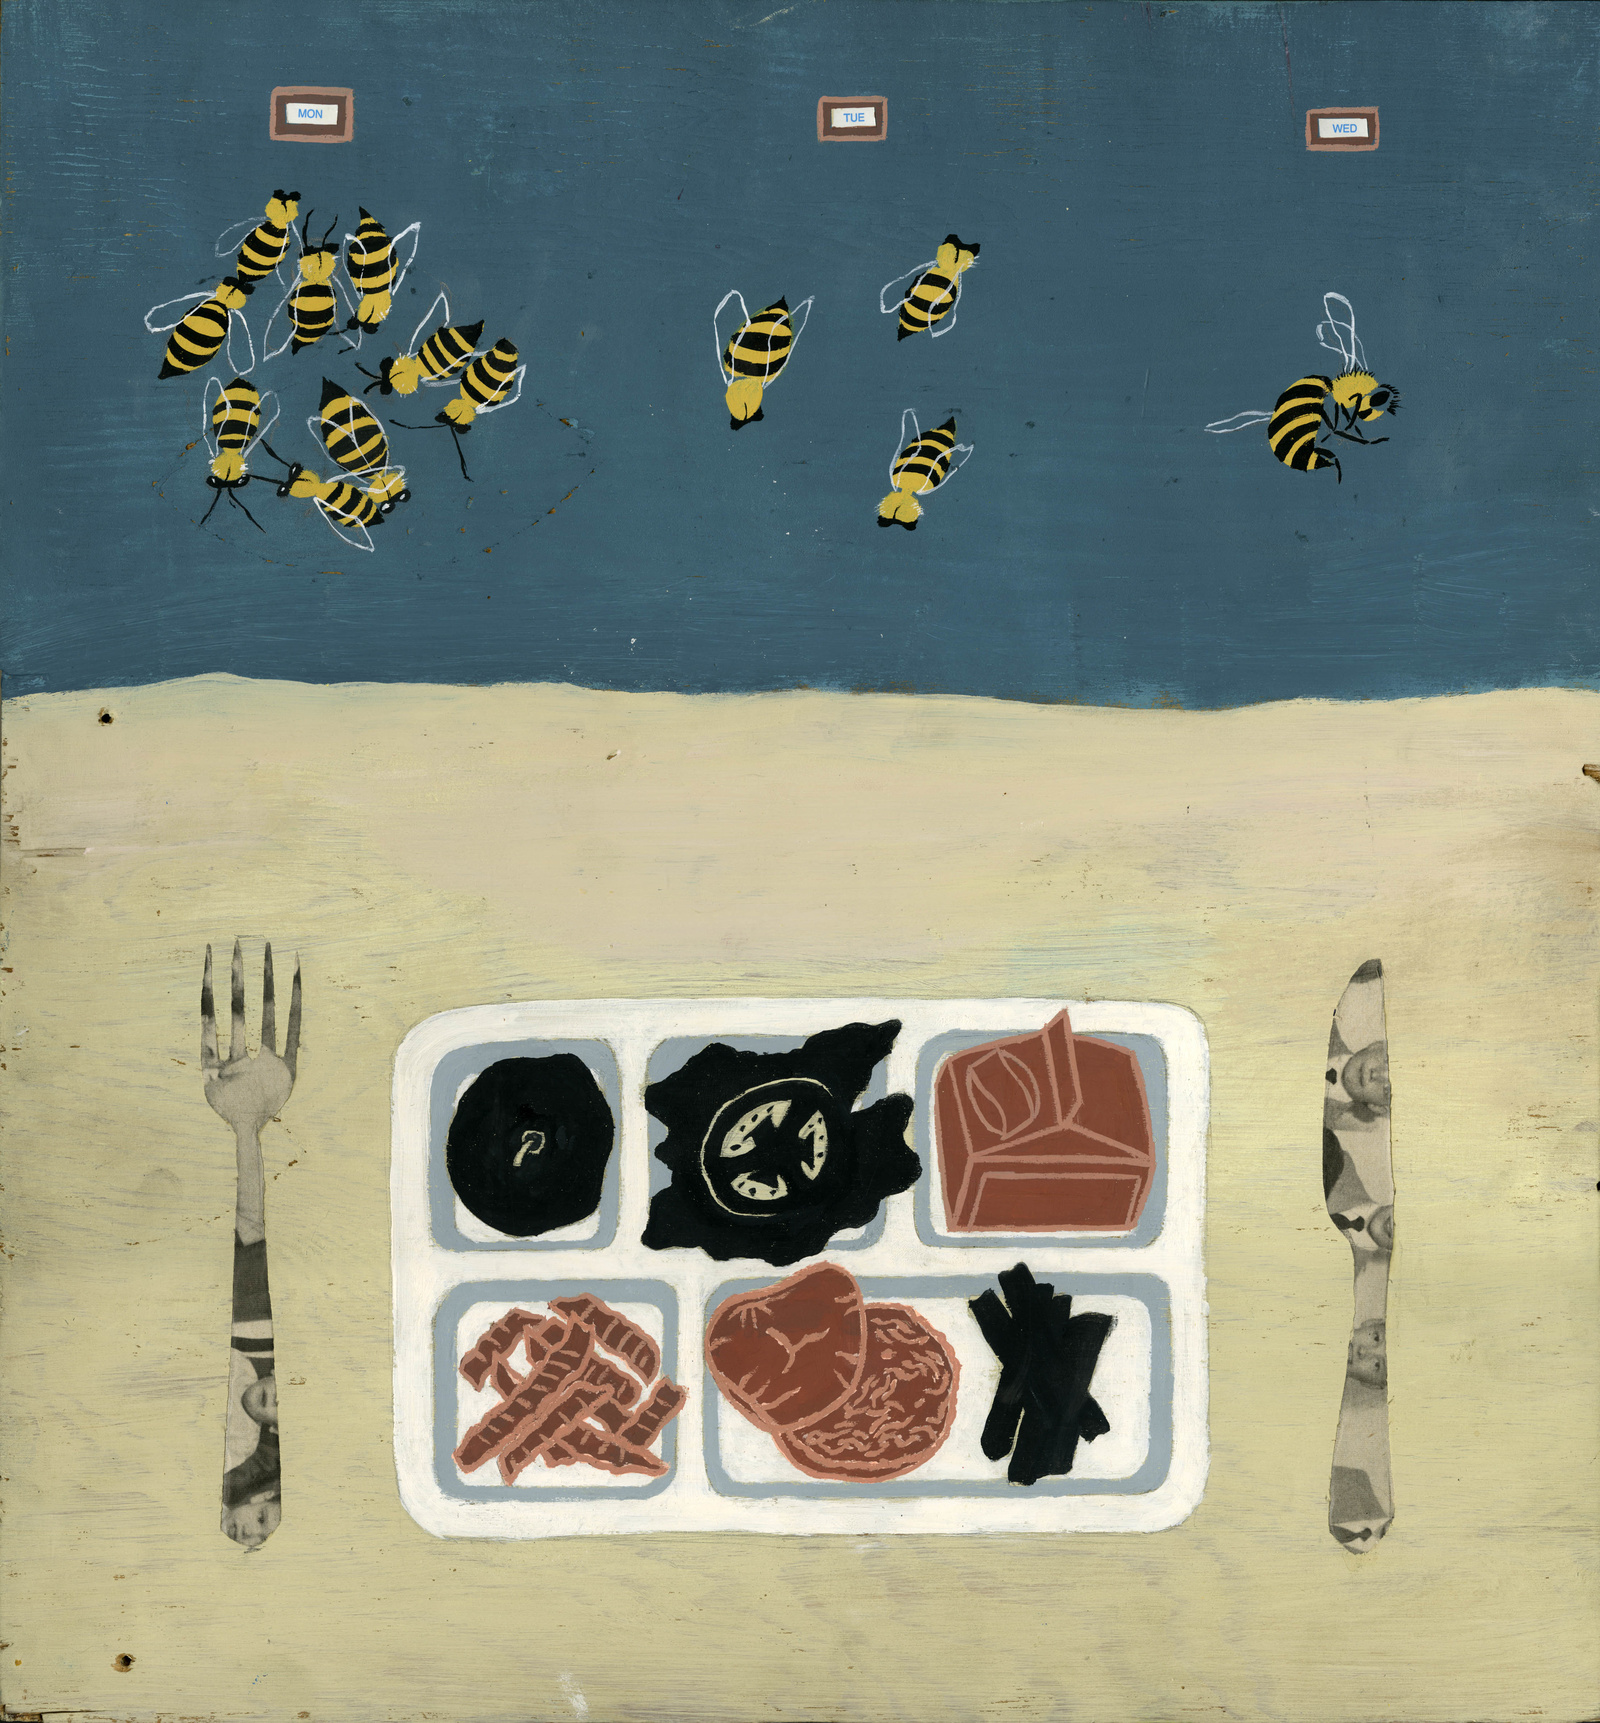 161298-13322225-Bees_jpg.jpg